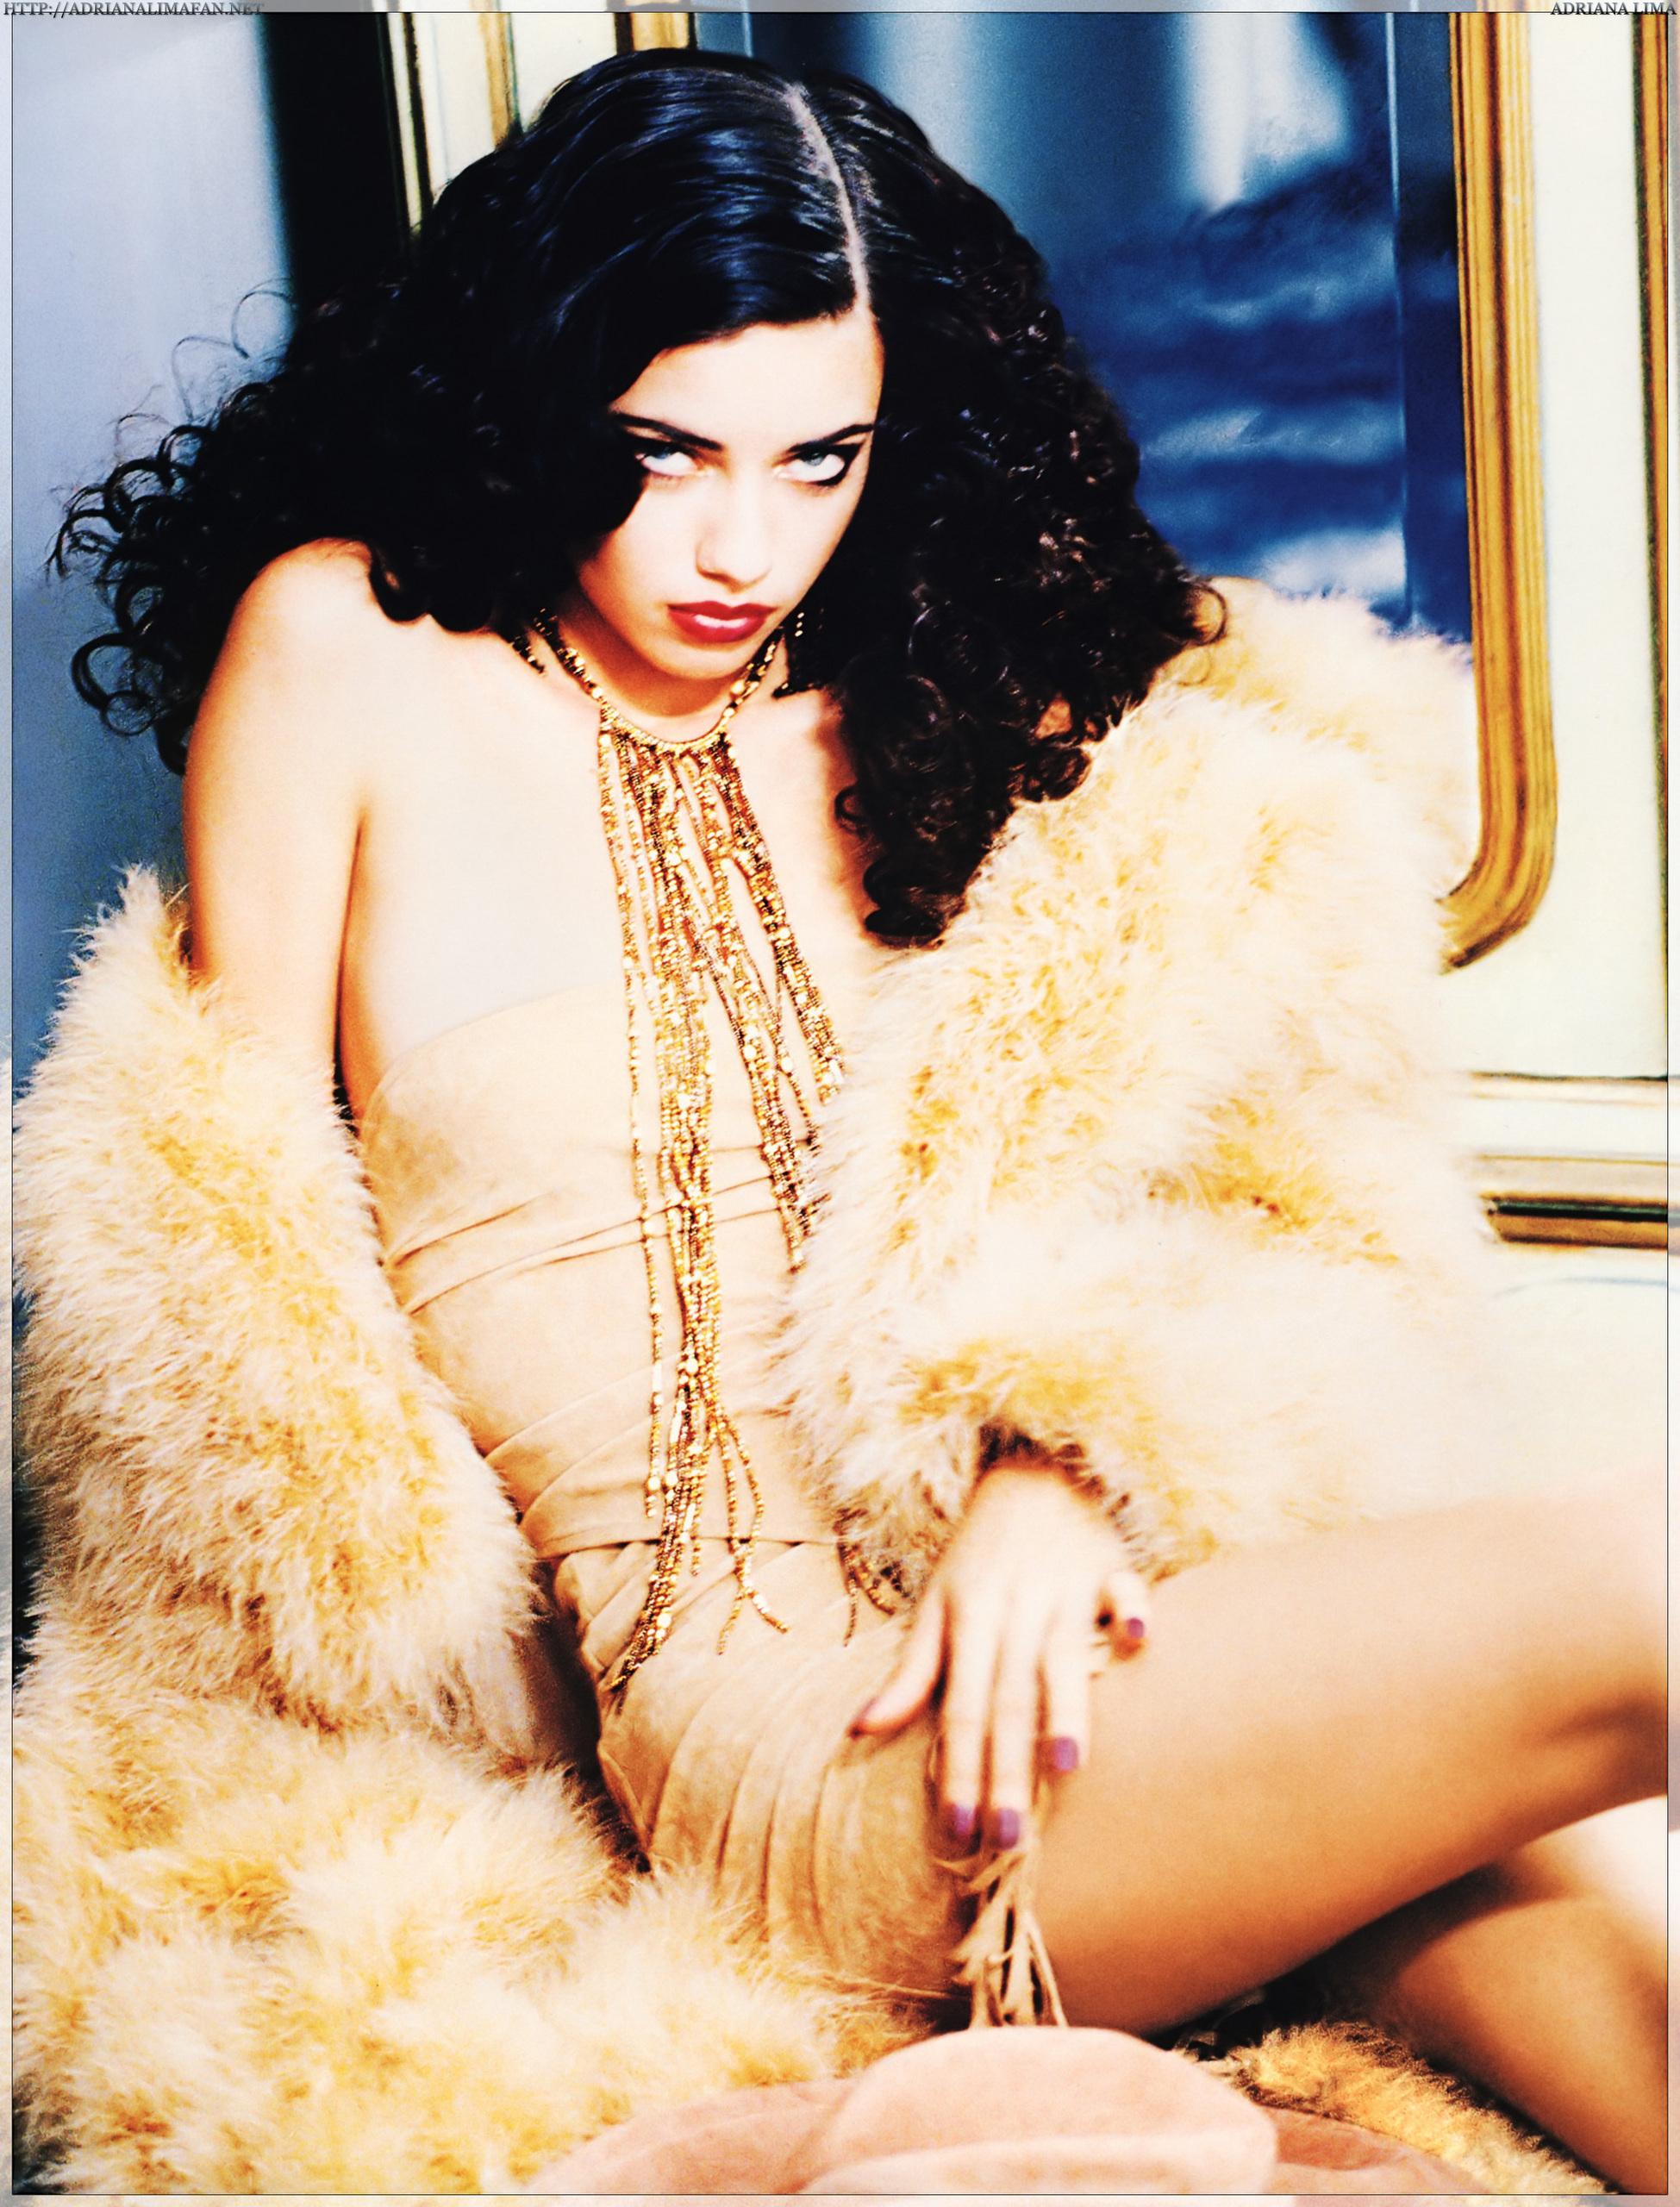 Adriana - Bebe 1999 Fall